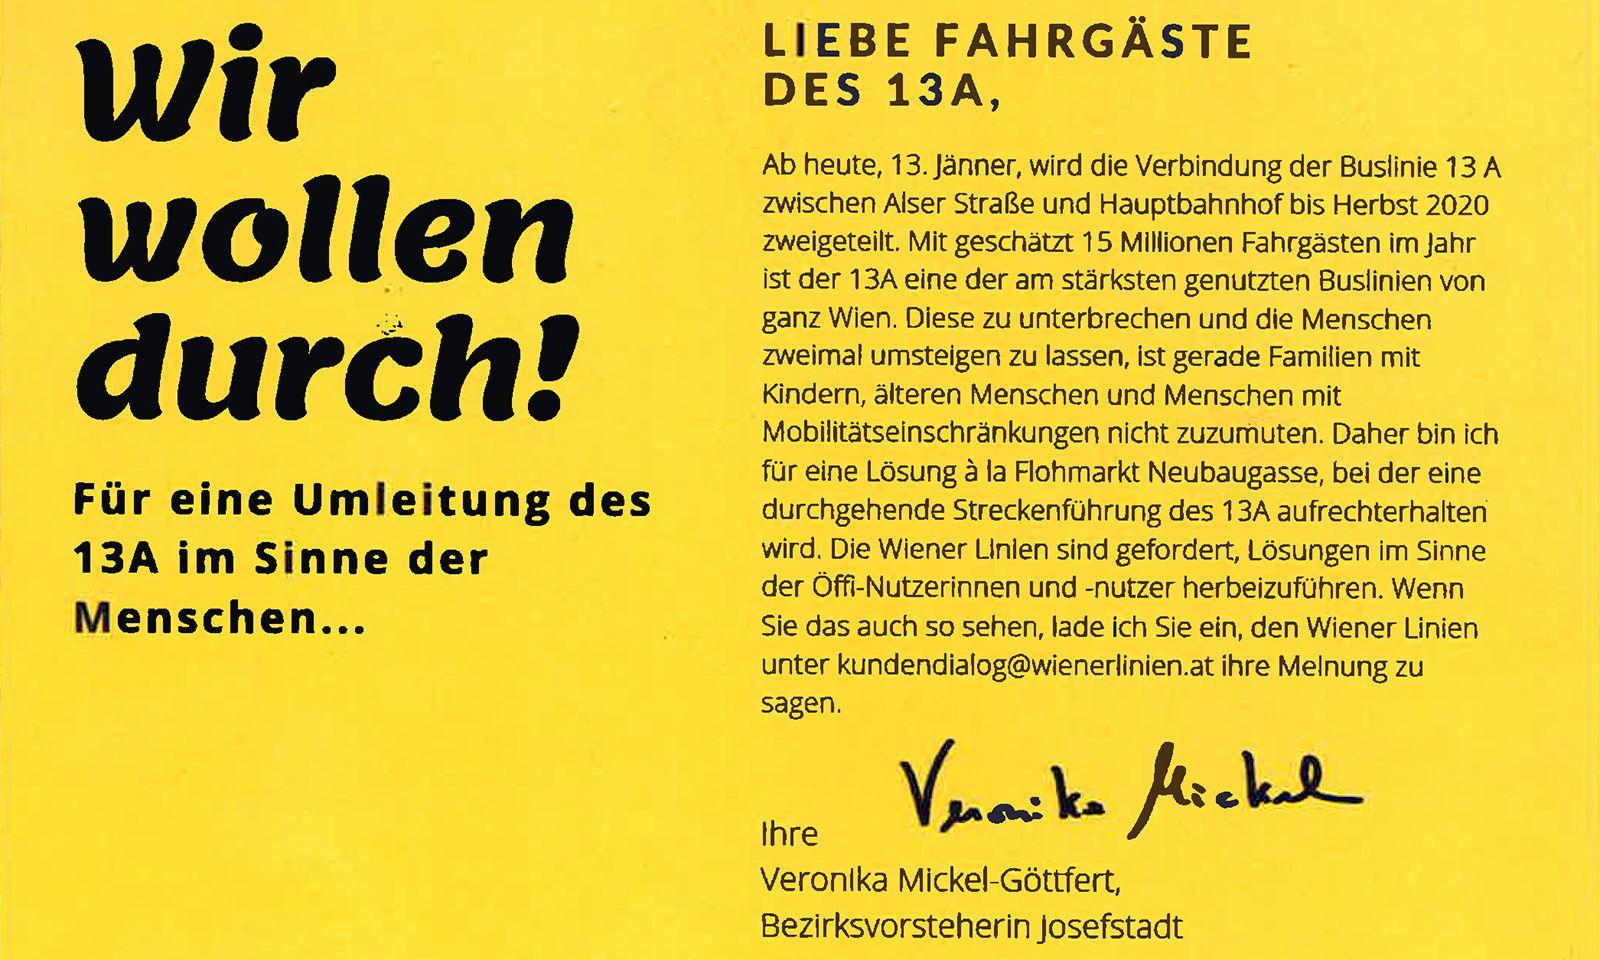 Protest-Flyer der türkisen Josefstadt-Bezirksvorsteherin Veronika Mickel-Göttfert.